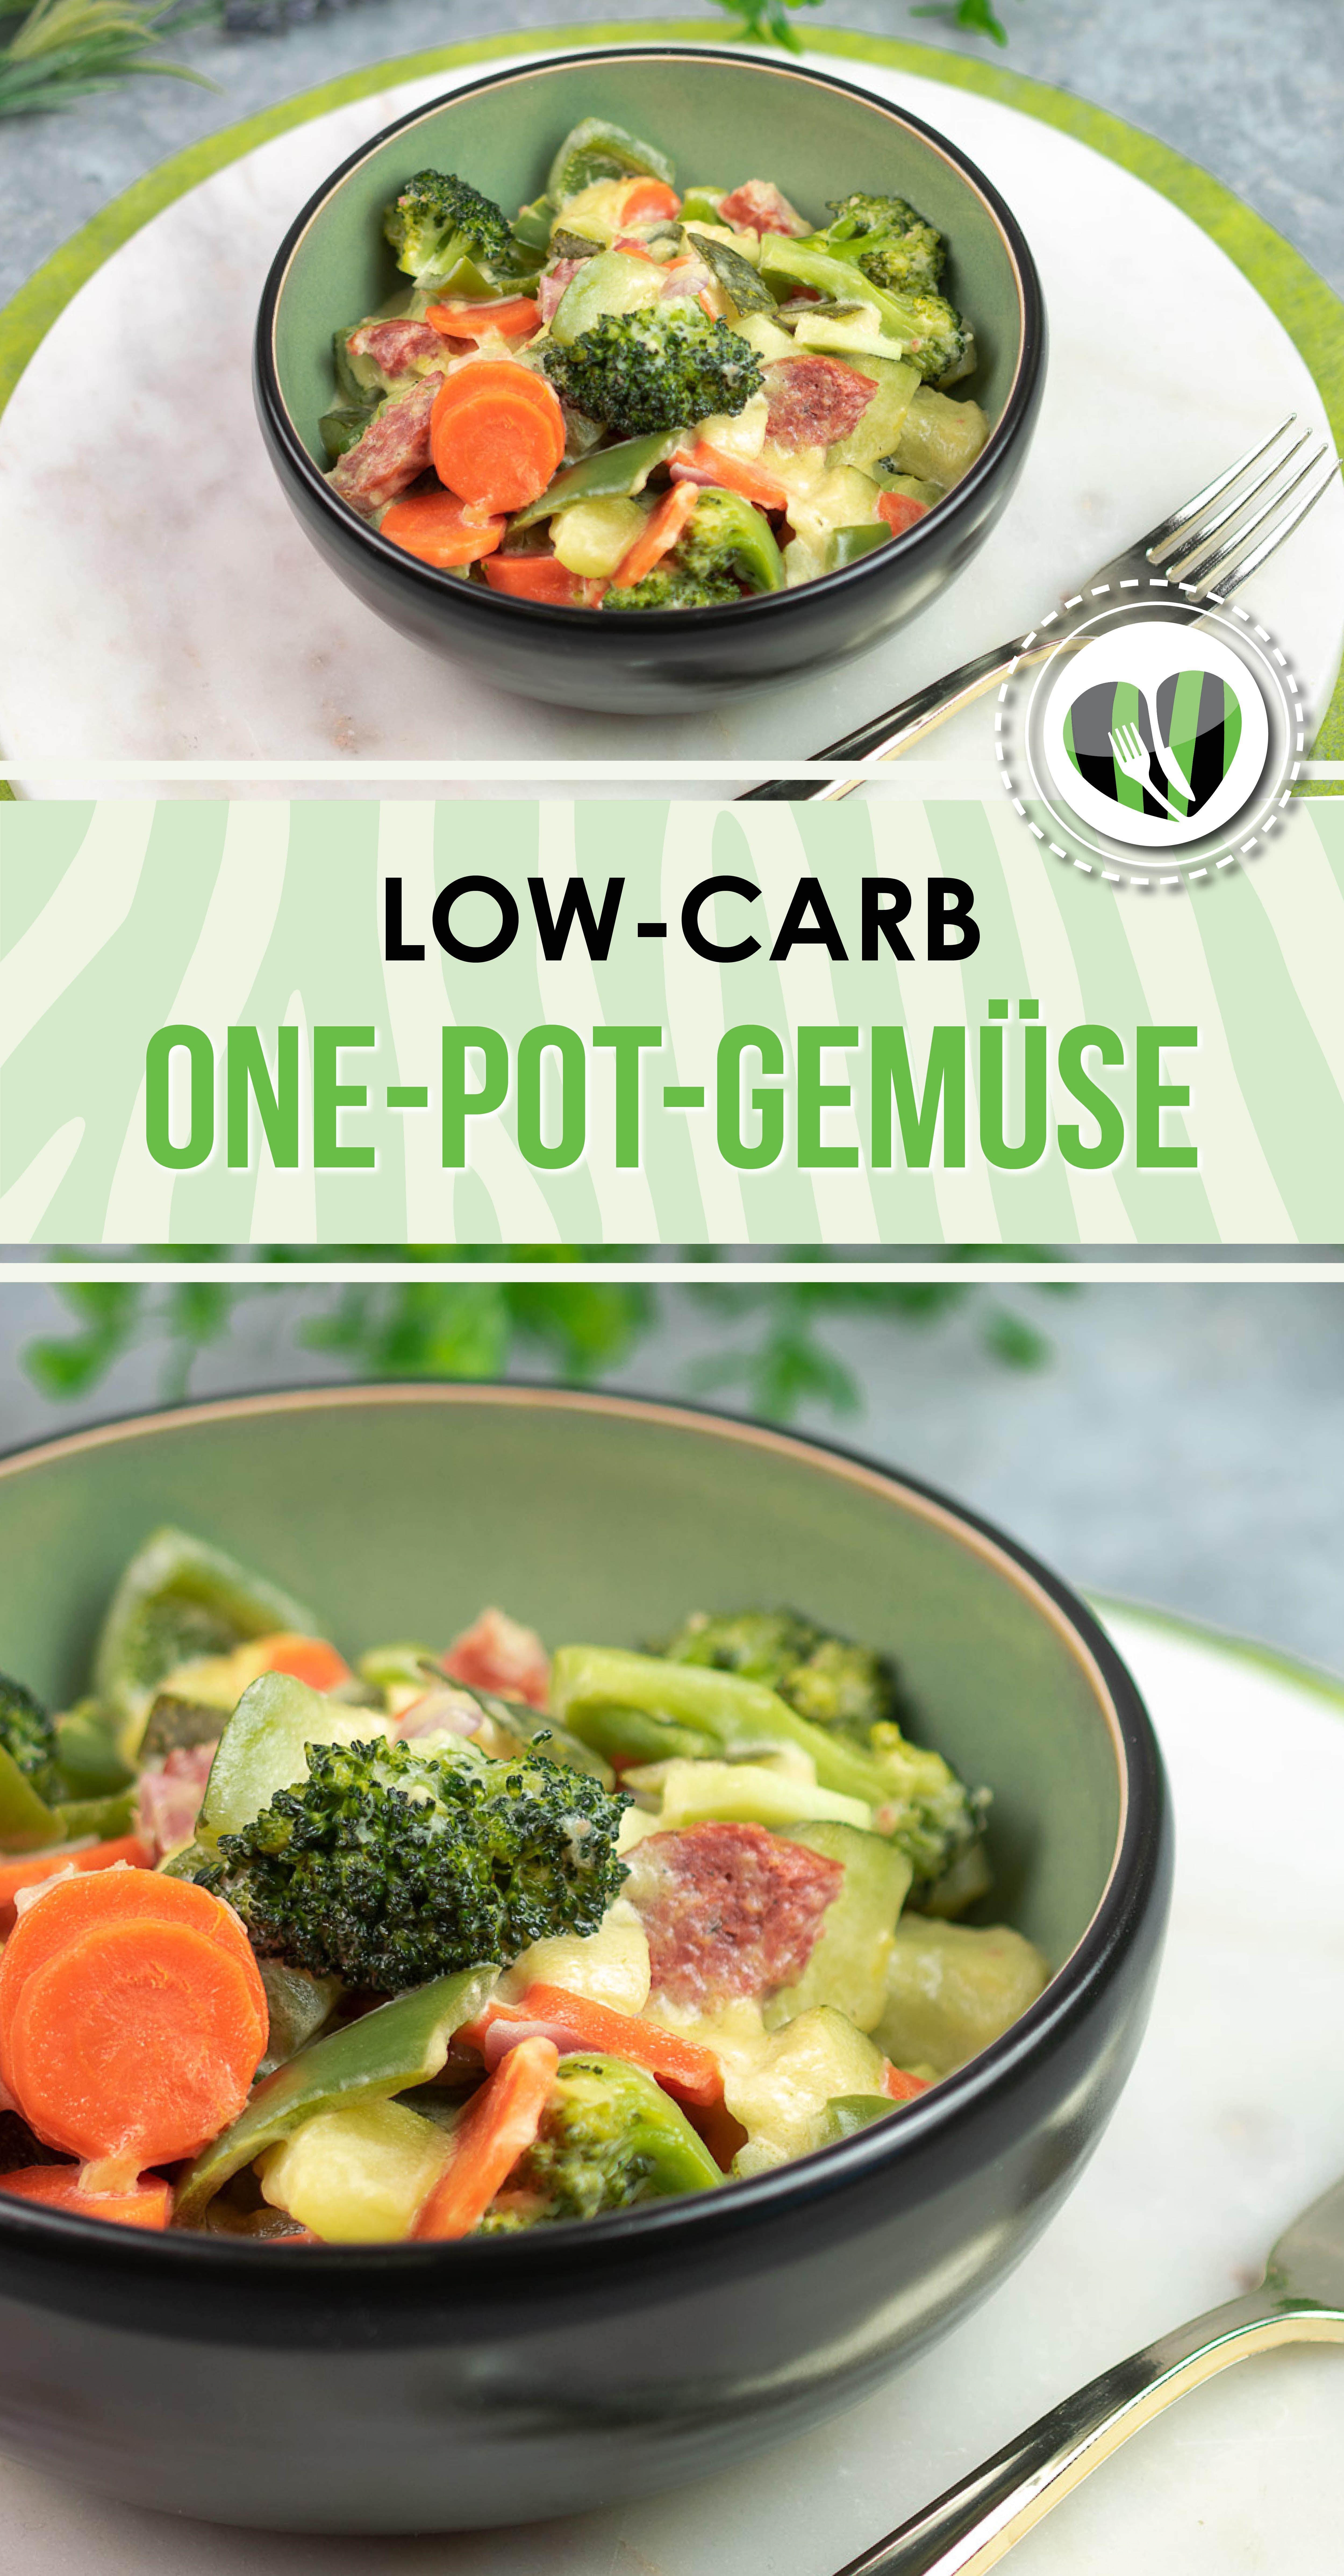 One-Pot-Gemüse #onepotpastarecettes